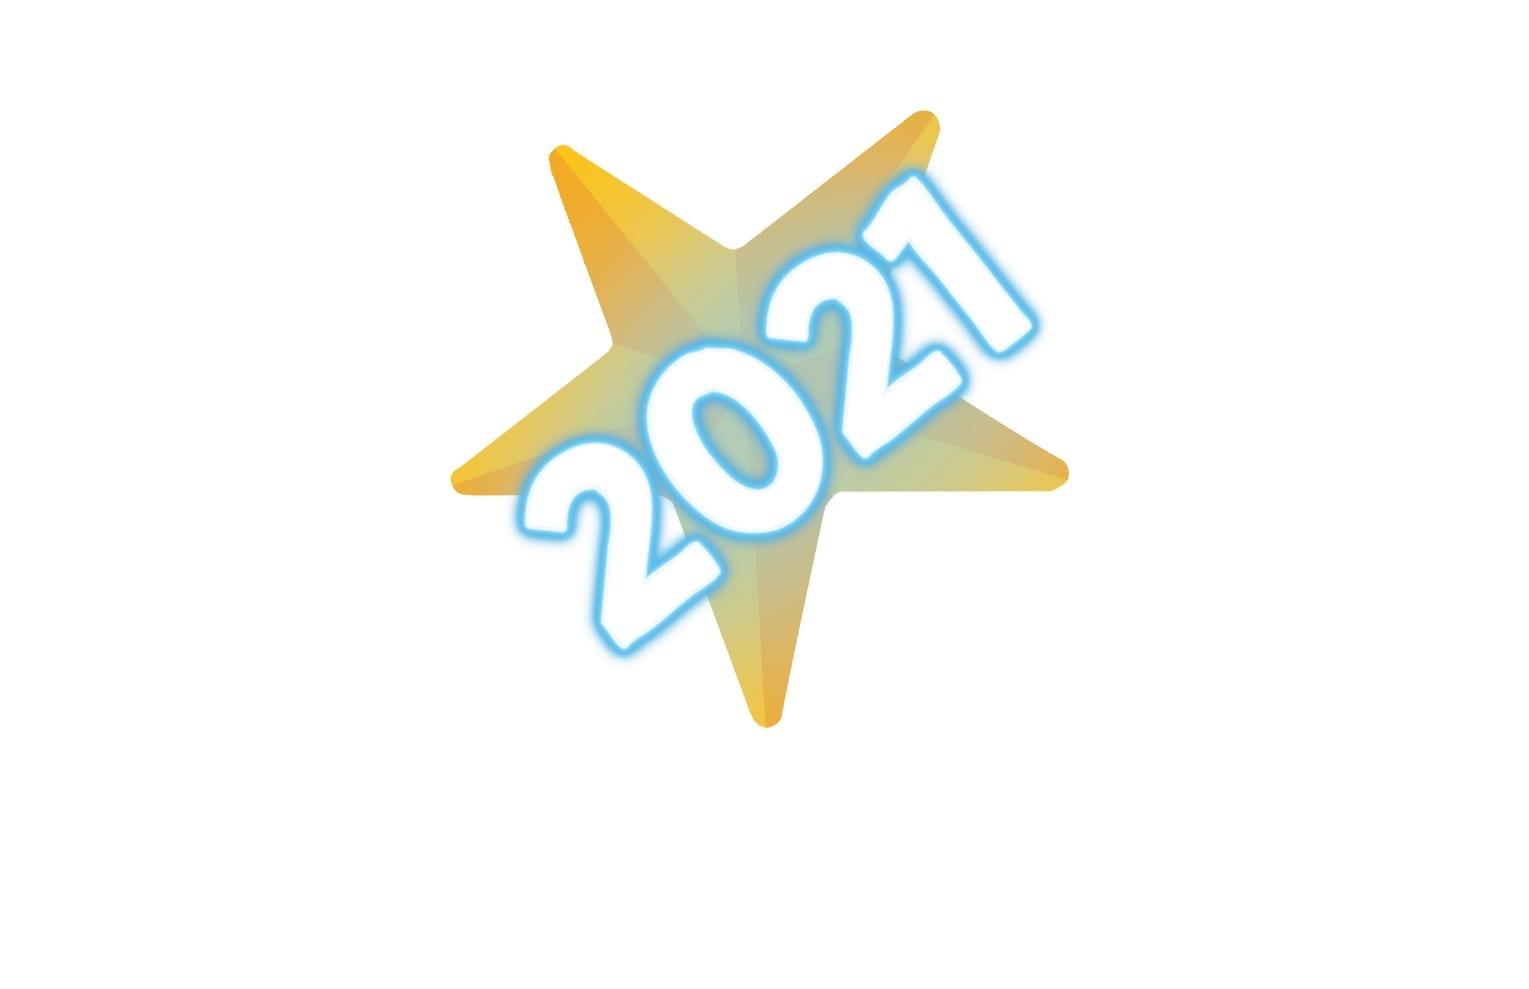 estrella 2021